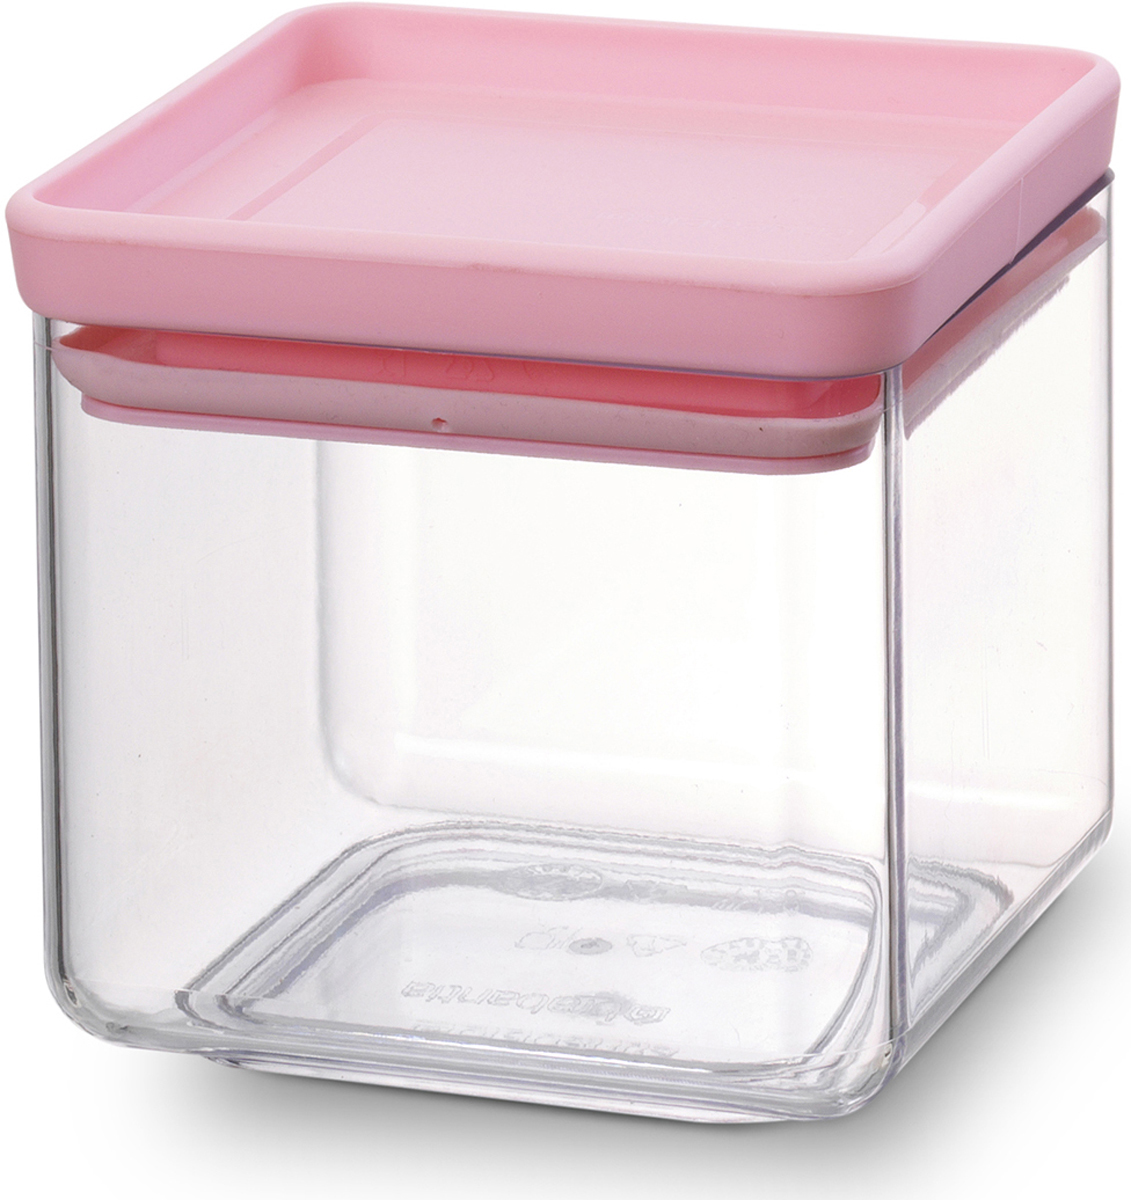 """Контейнер для сыпучих продуктов Brabantia """"Tasty Colors"""", цвет: прозрачный, розовый, 700 мл. 290060"""